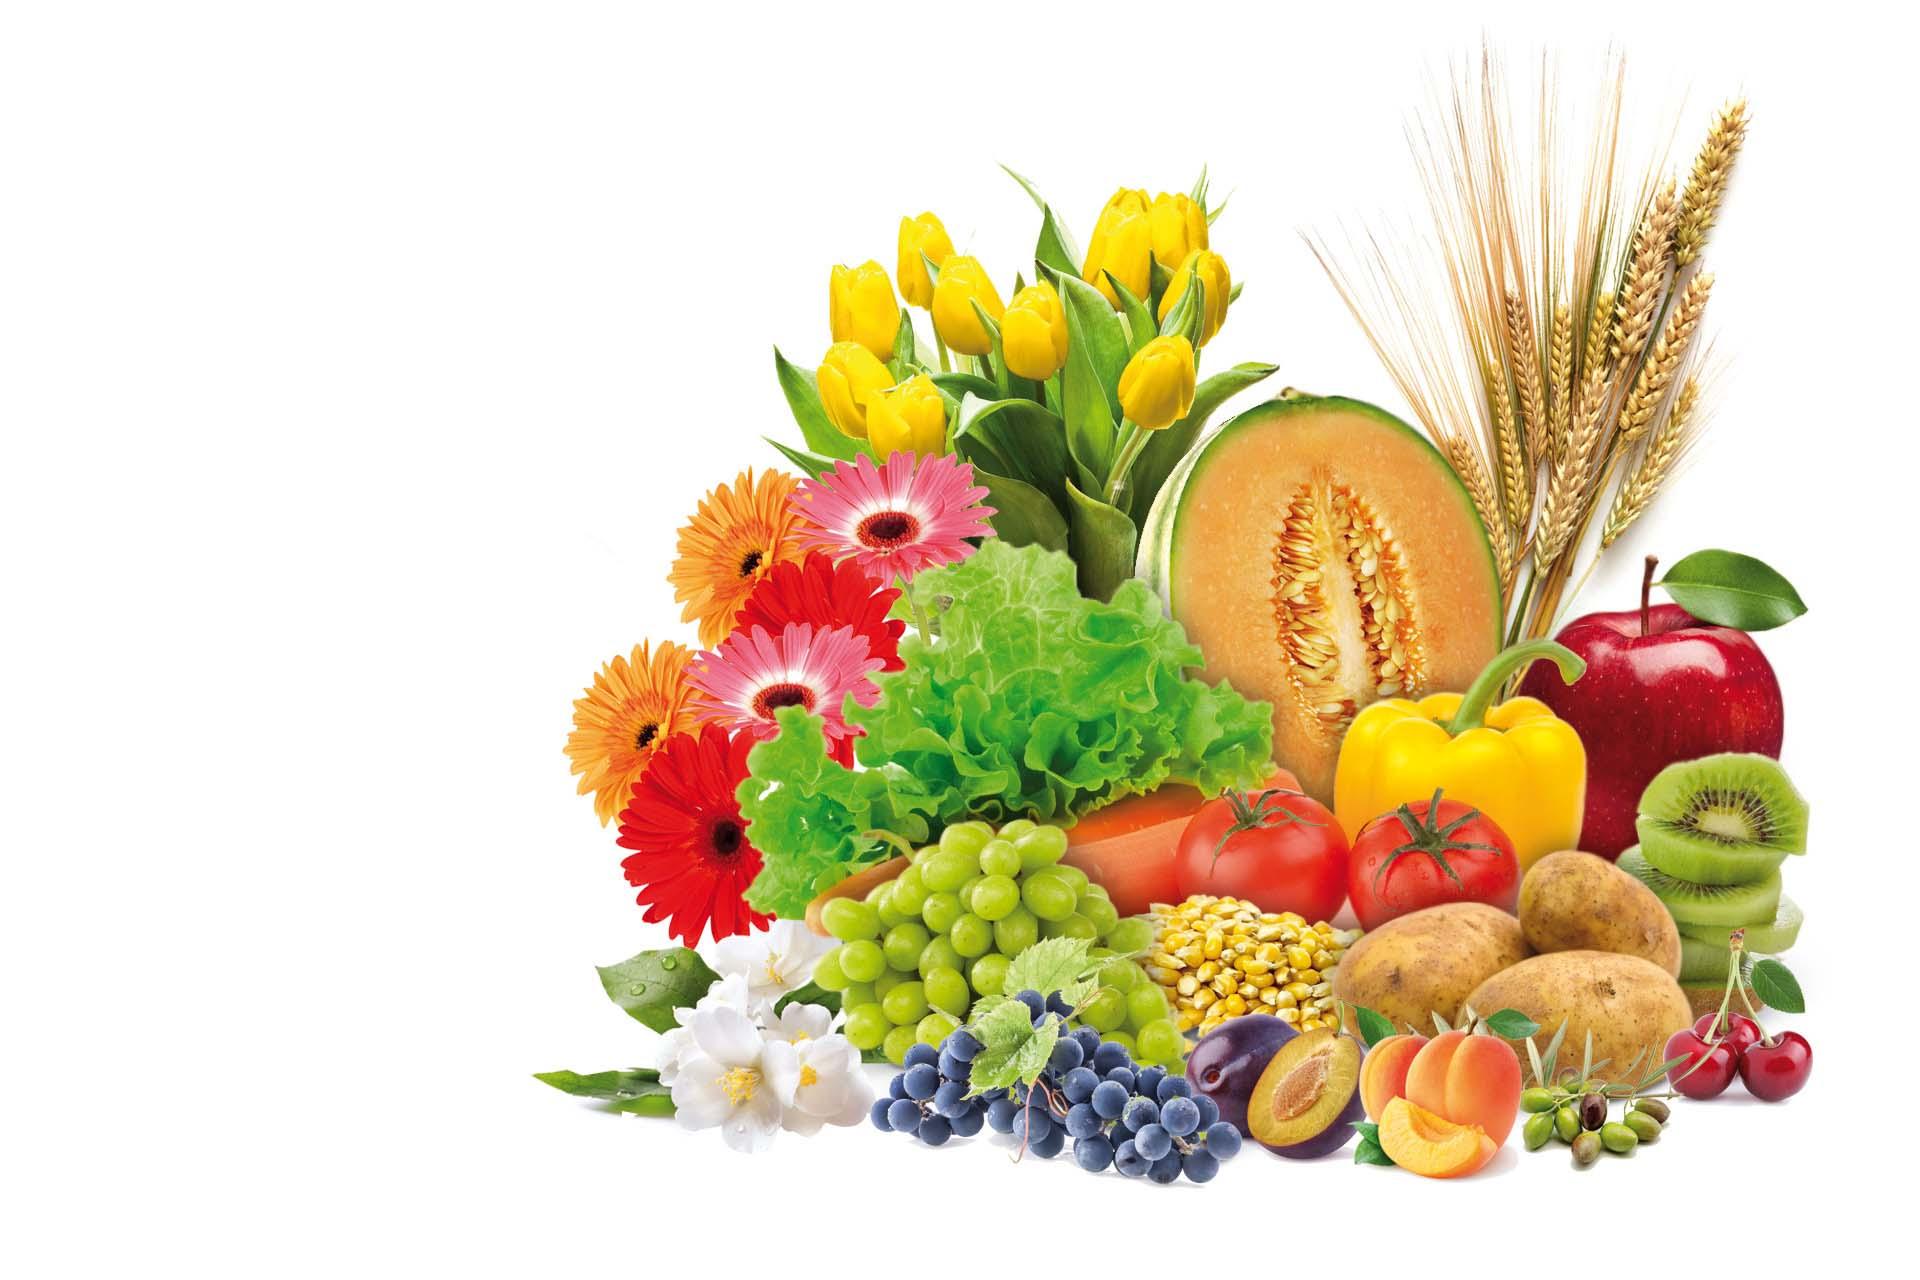 Composizione di frutta verdura con concimi organici e fertilizzanti naturali